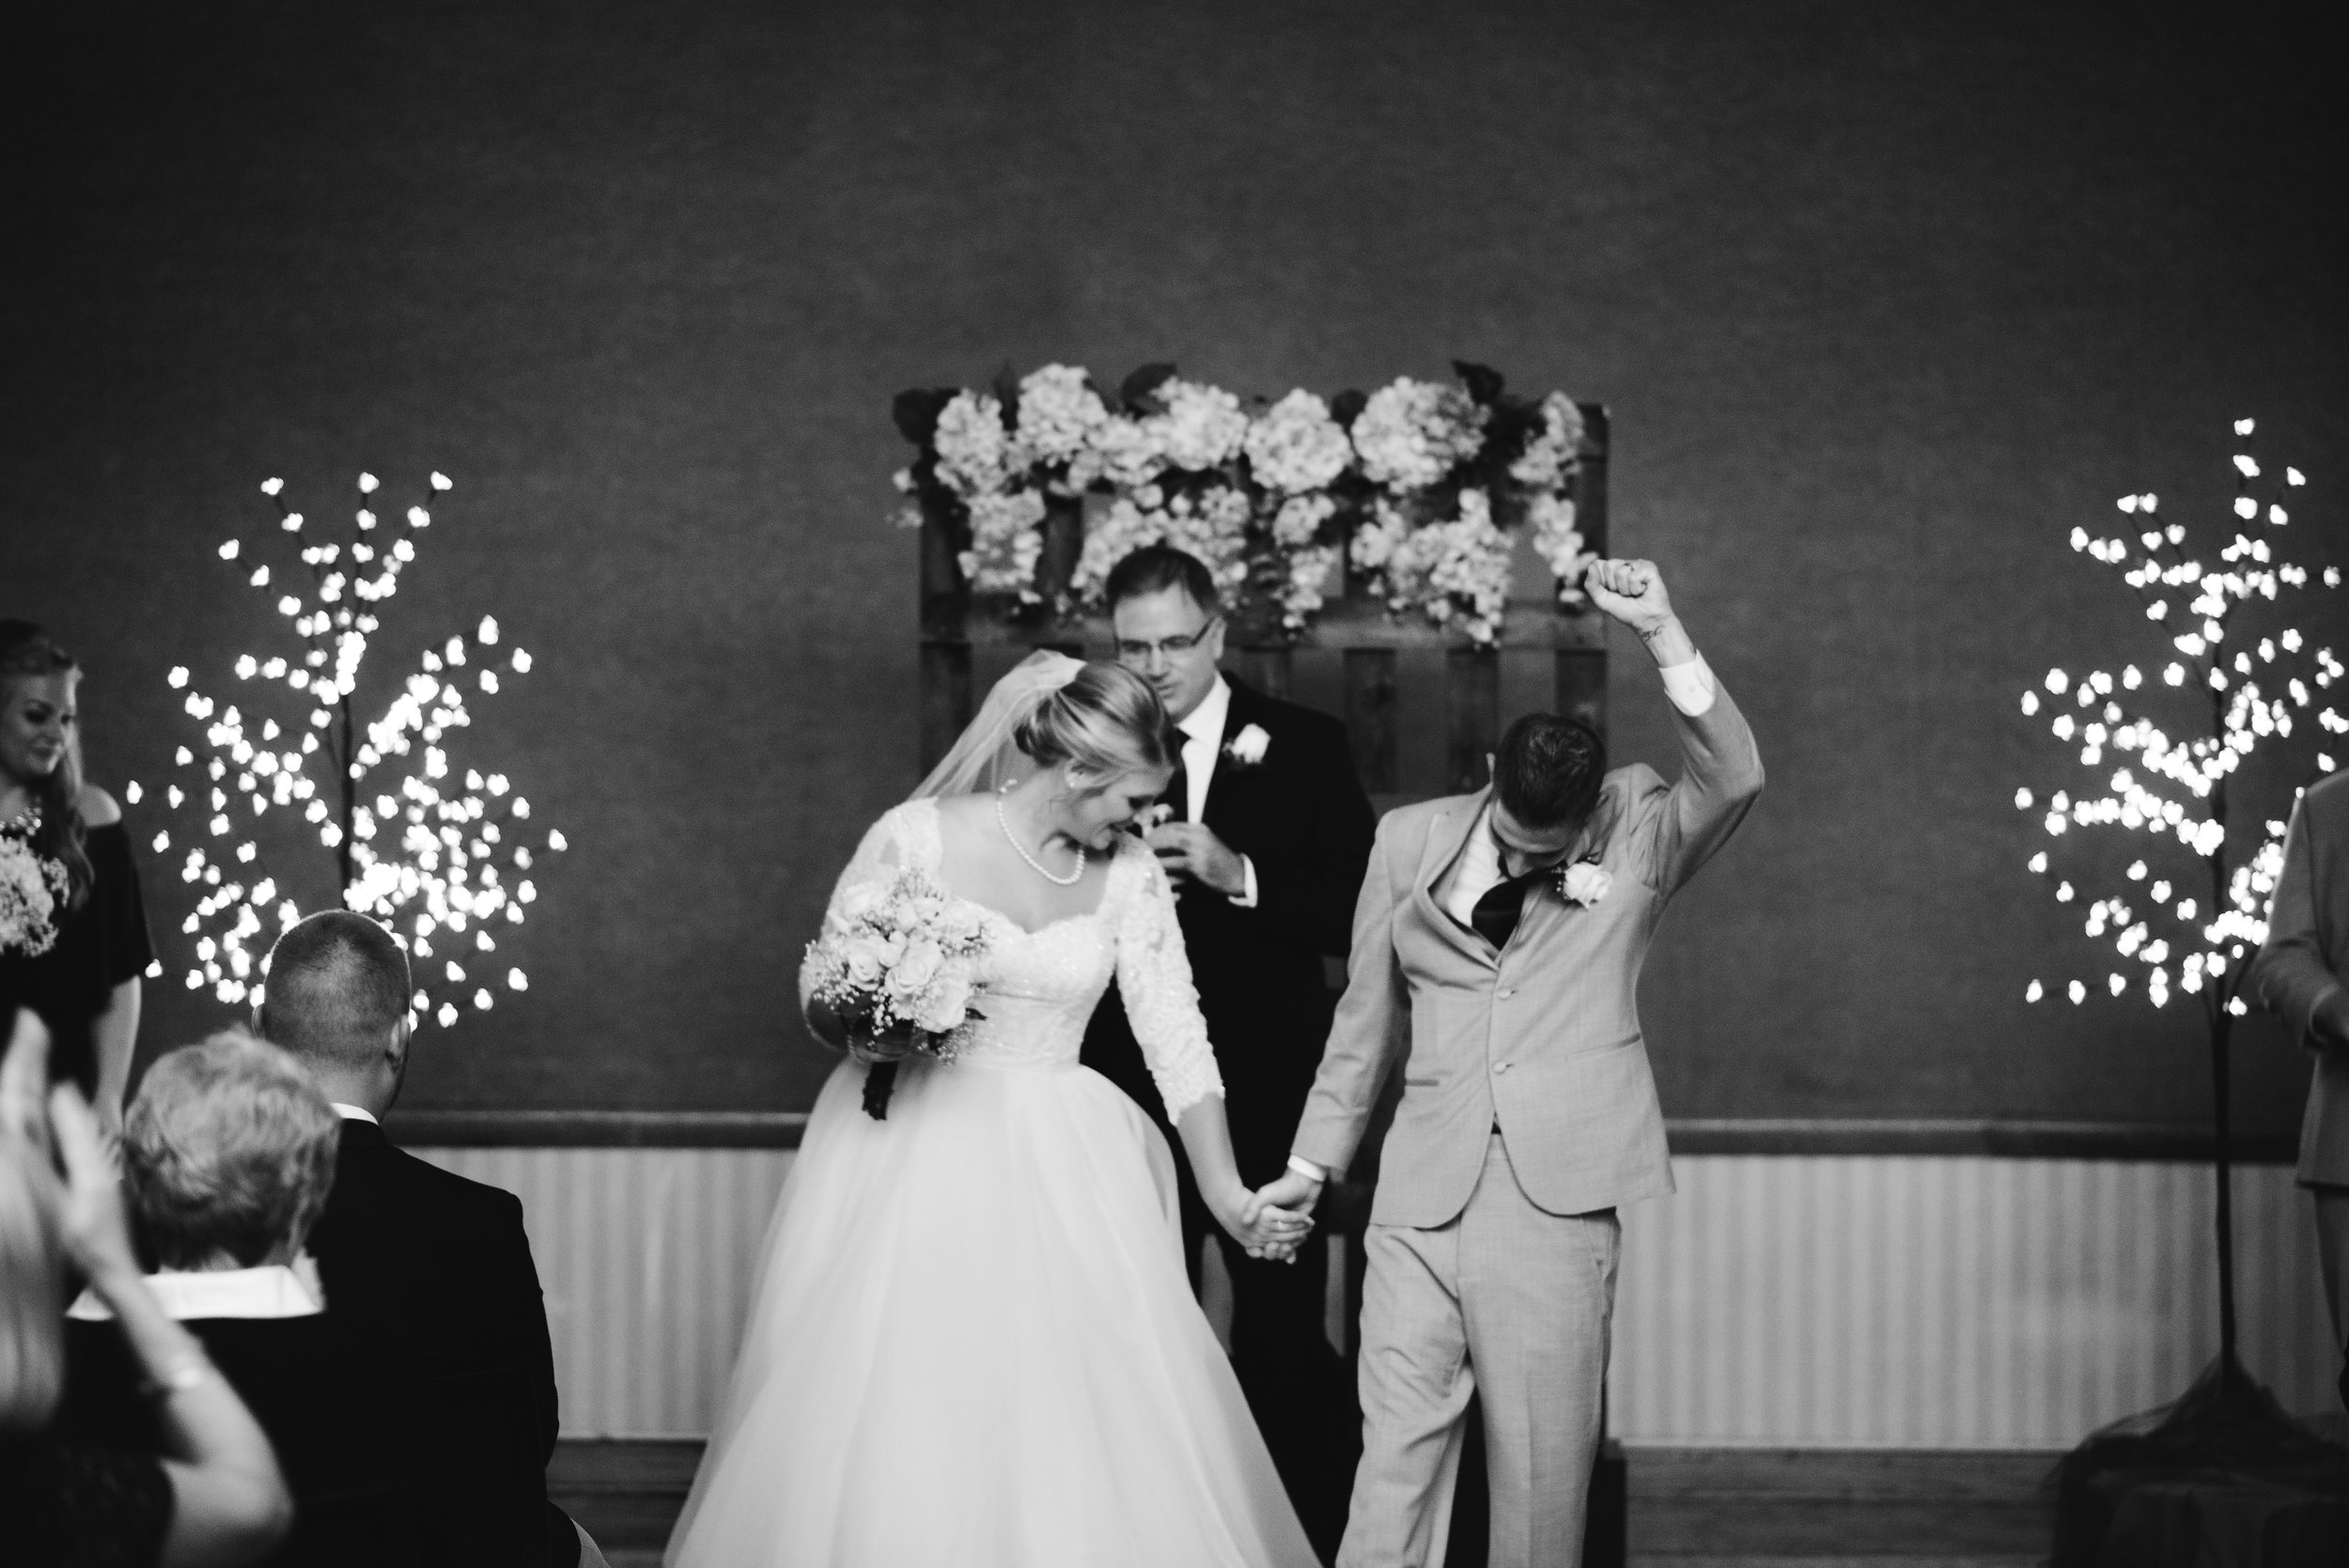 King-Northern-Illinois-University-Wedding079.jpg